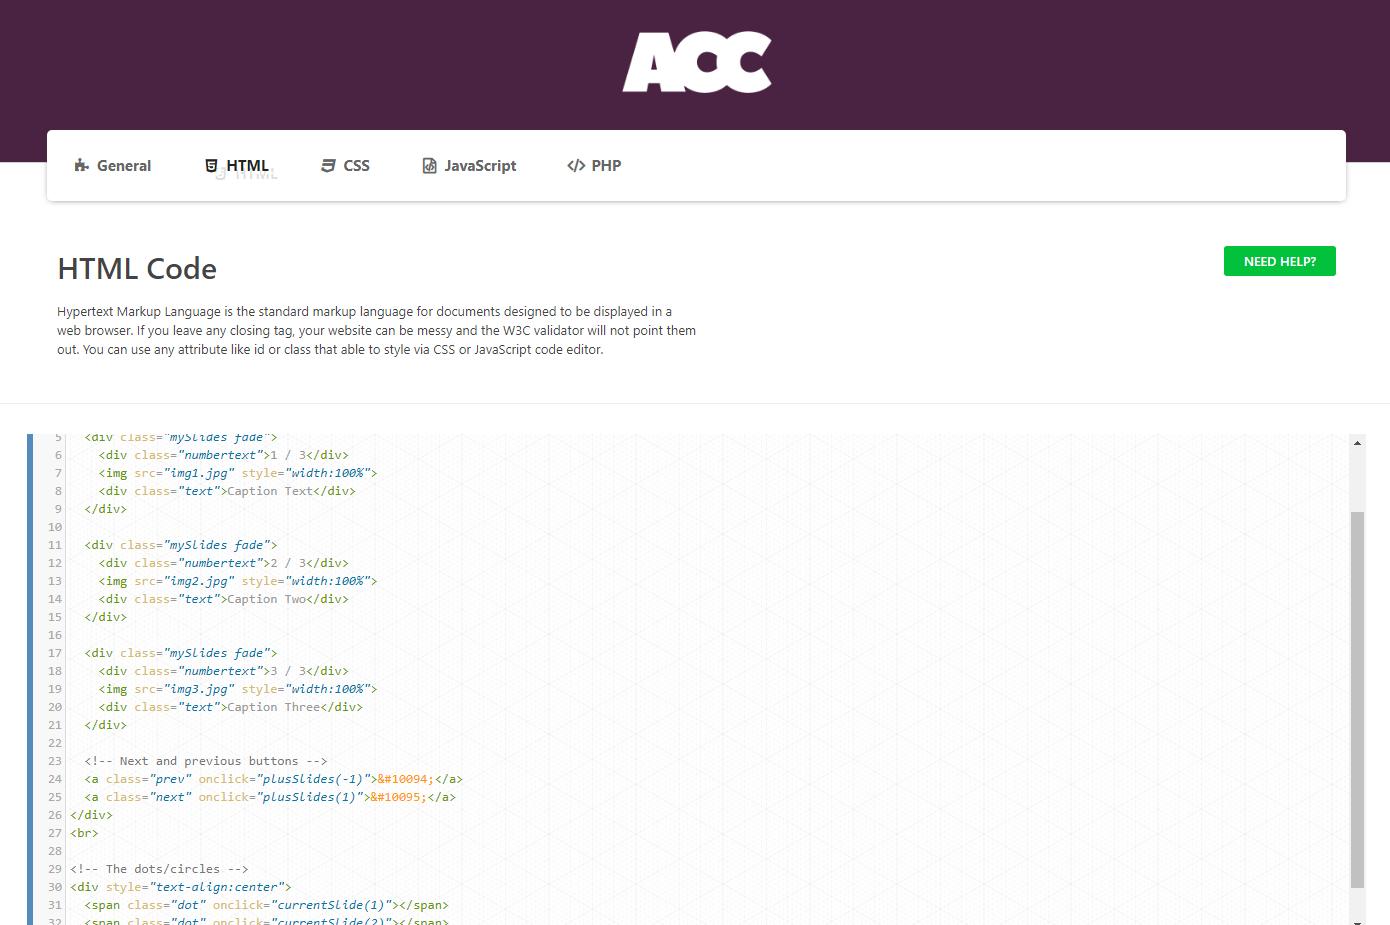 Advanced Custom Code - HTML Code.